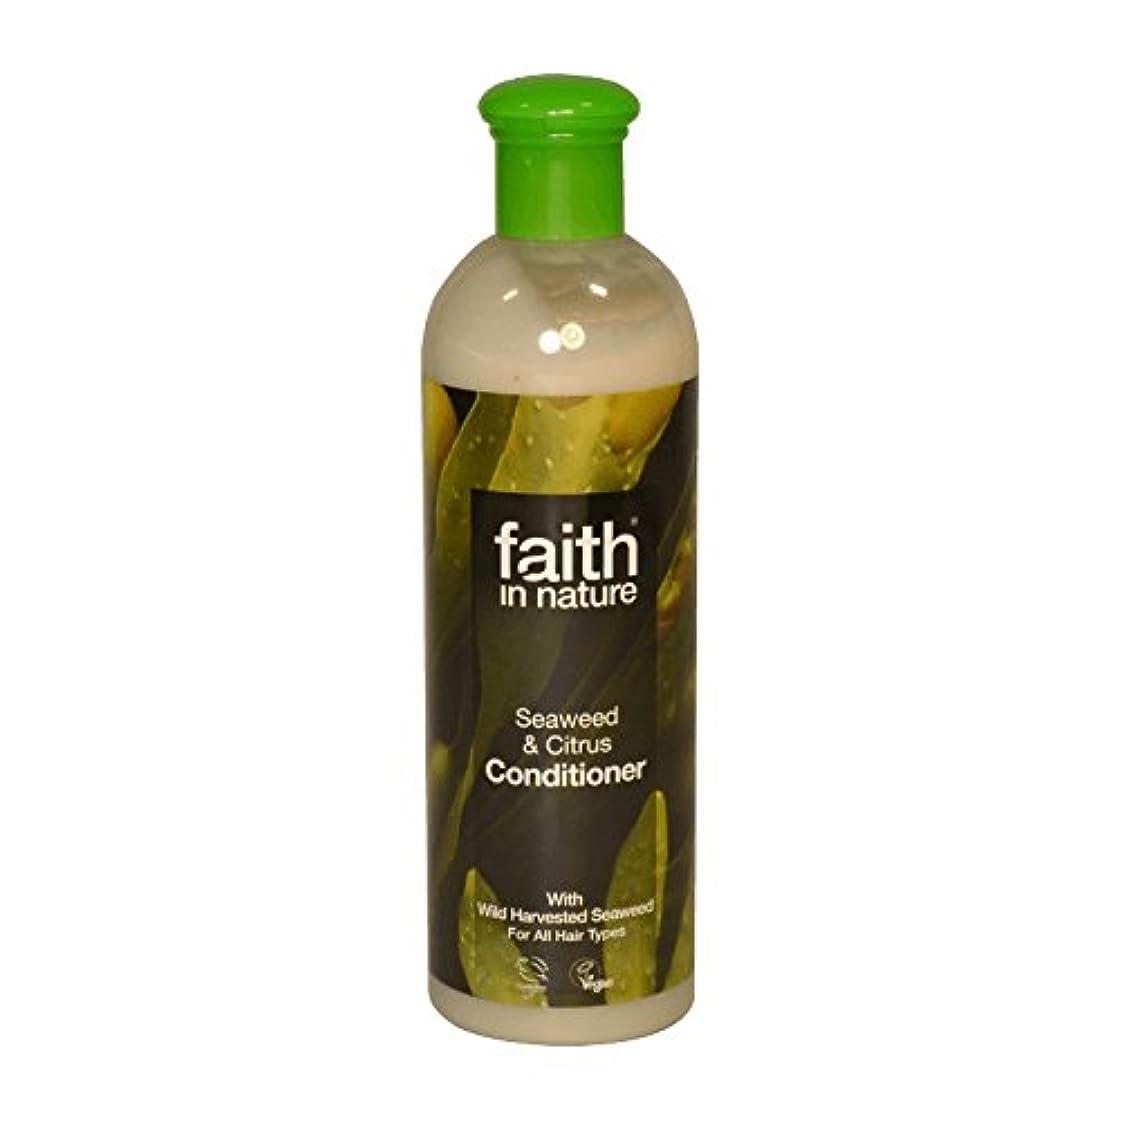 良さ広告主雨のFaith in Nature Seaweed & Citrus Conditioner 400ml (Pack of 2) - 自然の海藻&シトラスコンディショナー400ミリリットルの信仰 (x2) [並行輸入品]